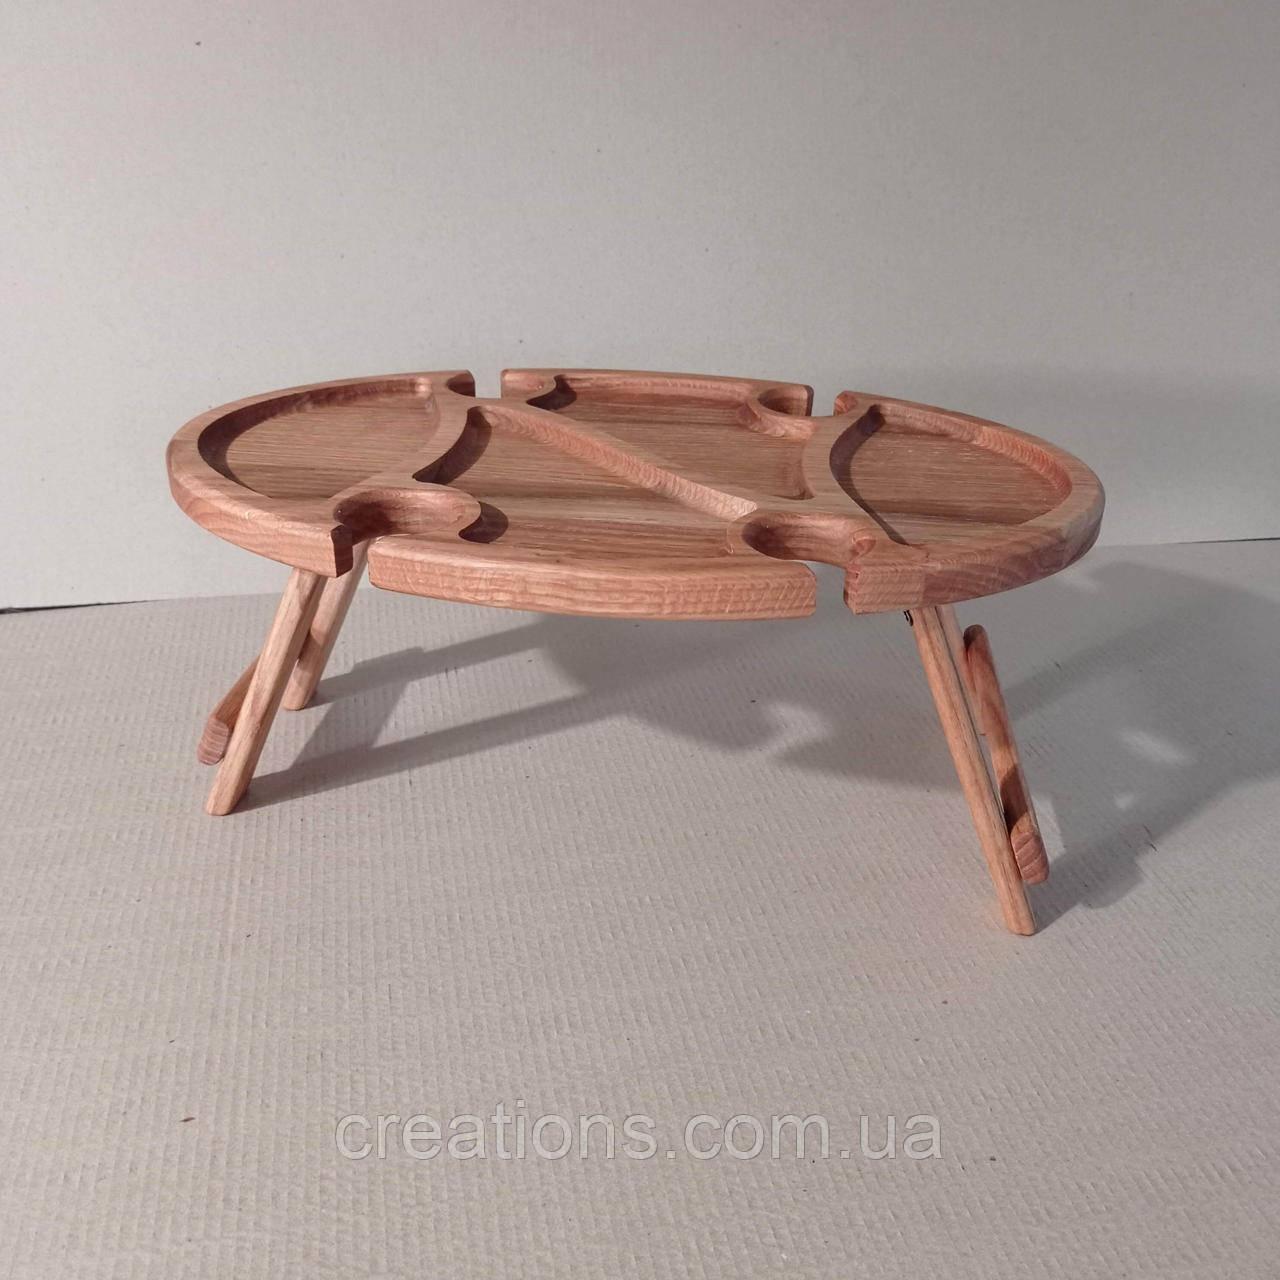 Деревянный винный столик менажница овальный дубовый, столик для вина из дерева 47*30*20 см.